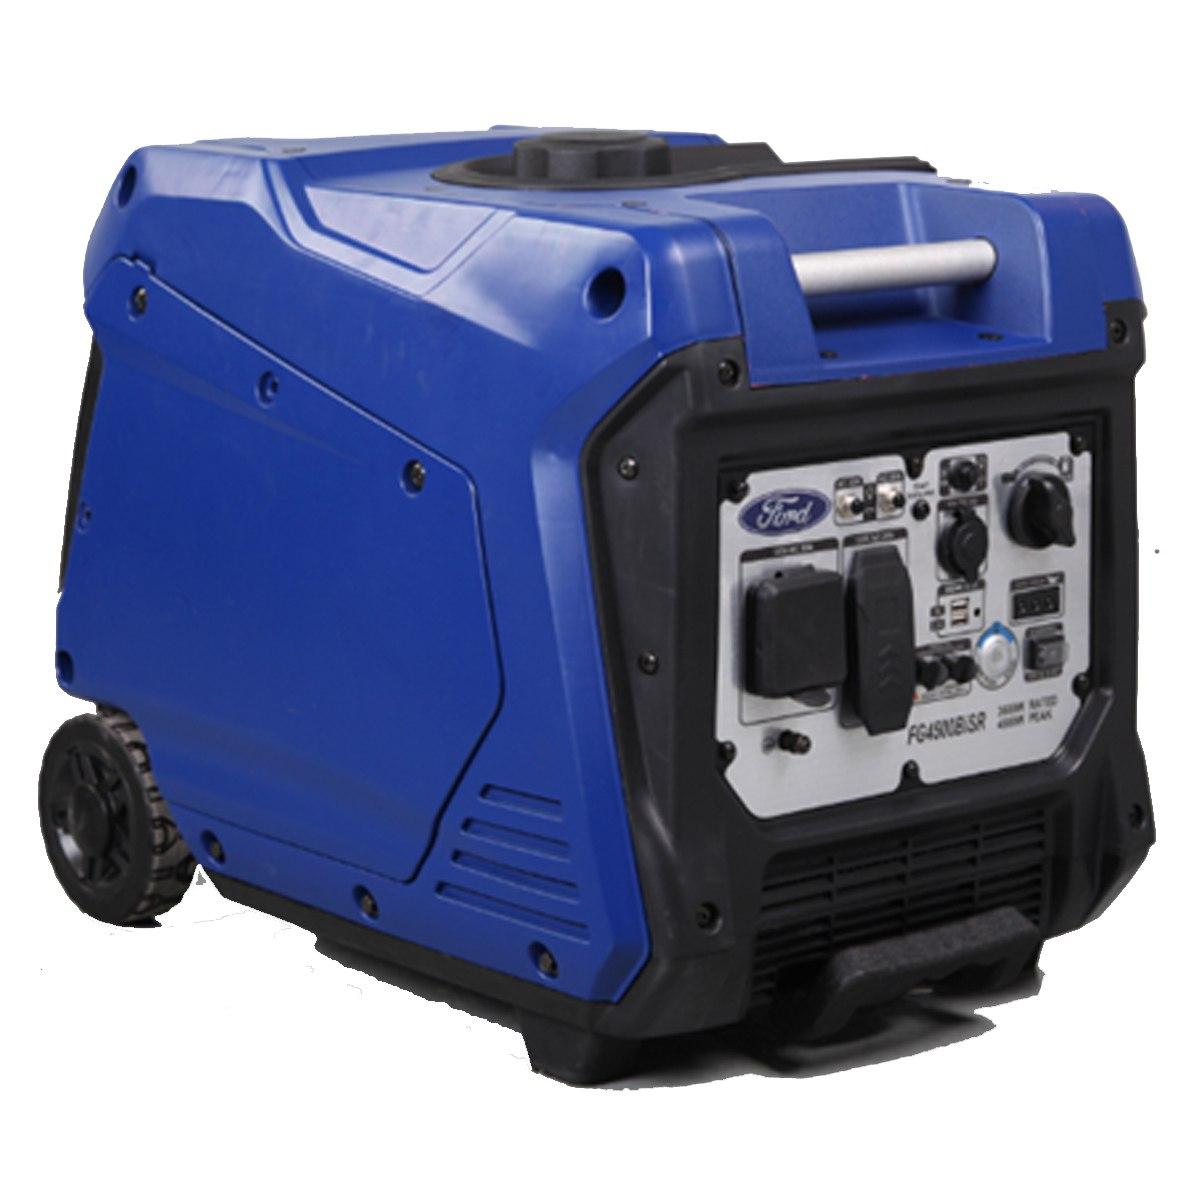 גנרטור מושתק 4000W כולל מייצב מתח חברת FORD